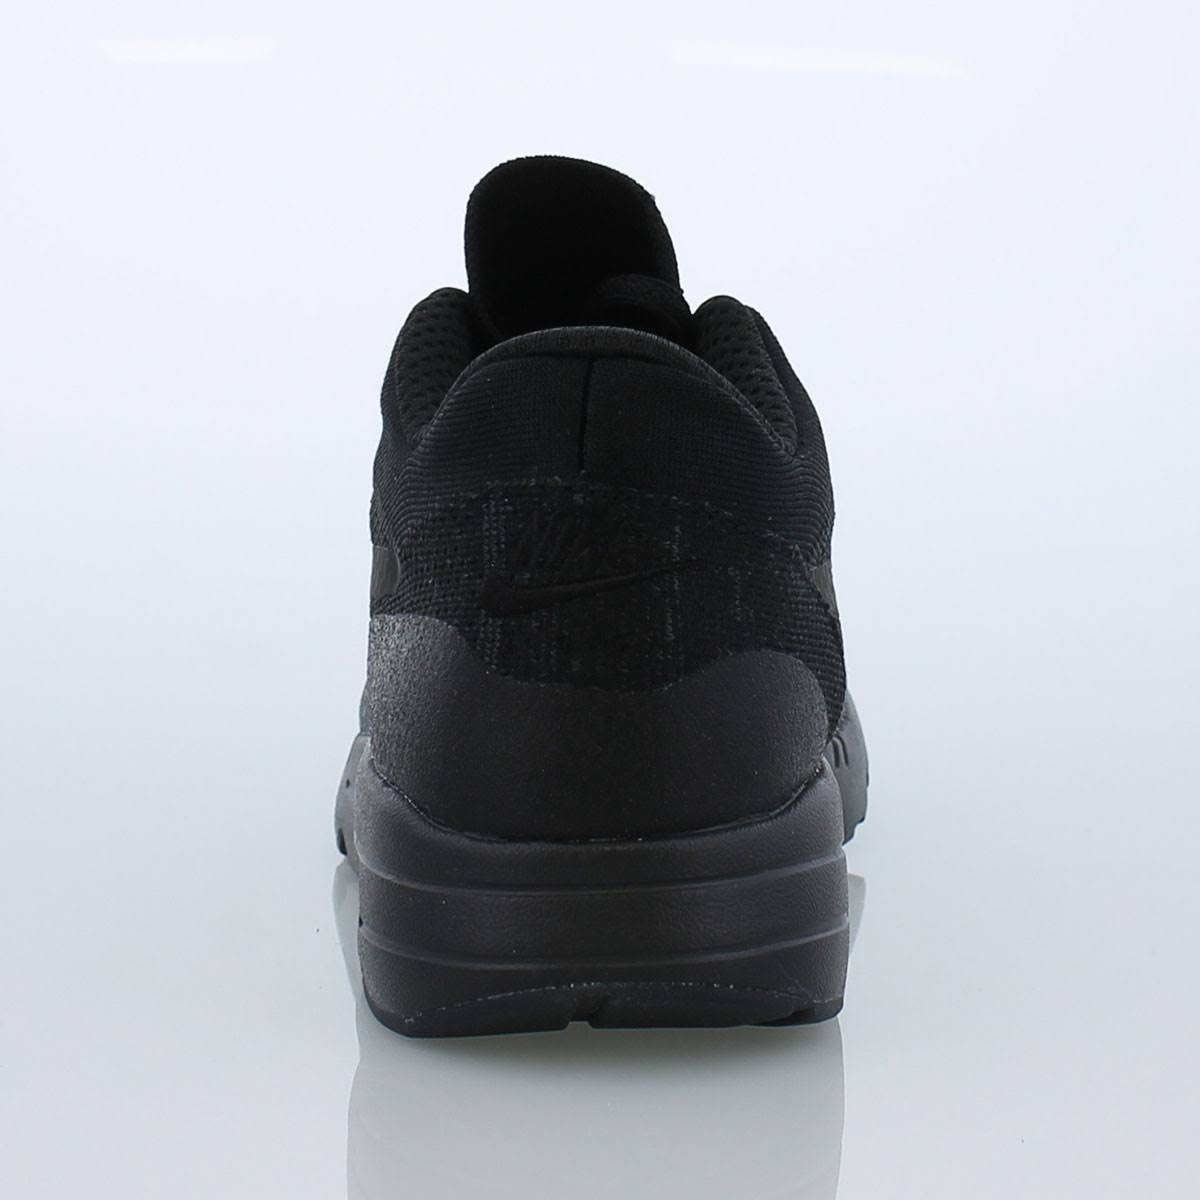 856958 Para 1 Max Air 001 Hombre Negro Nike Estilo Flyknit Ultra qw8WEY